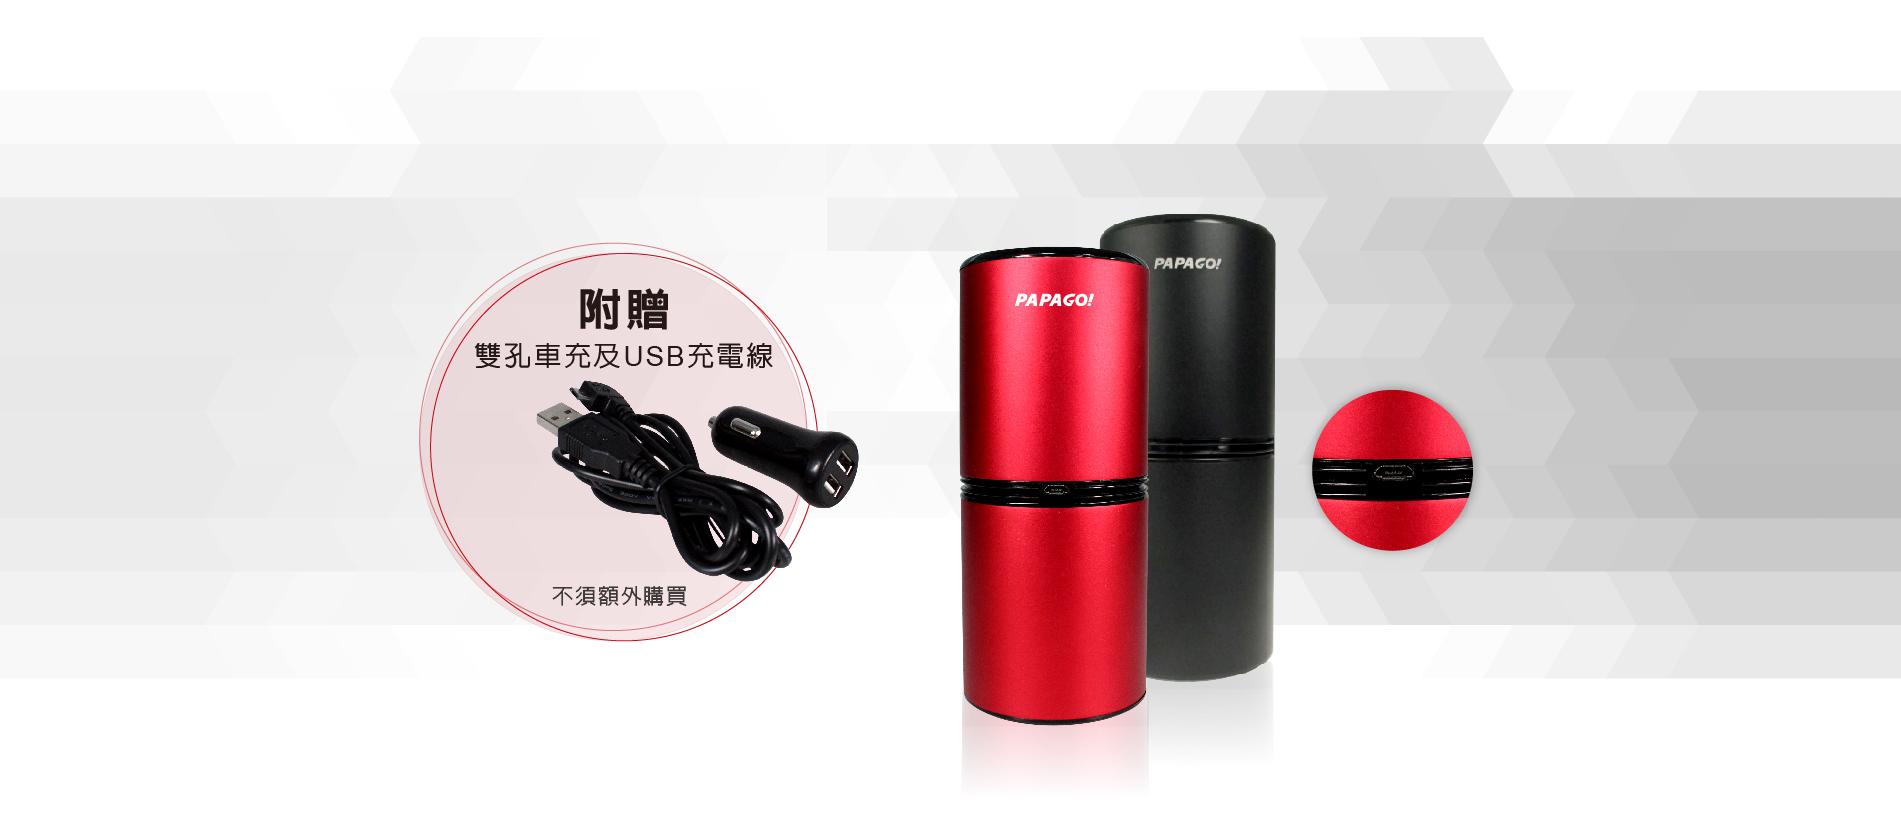 Airfresh S06D plus 支援Micro USB